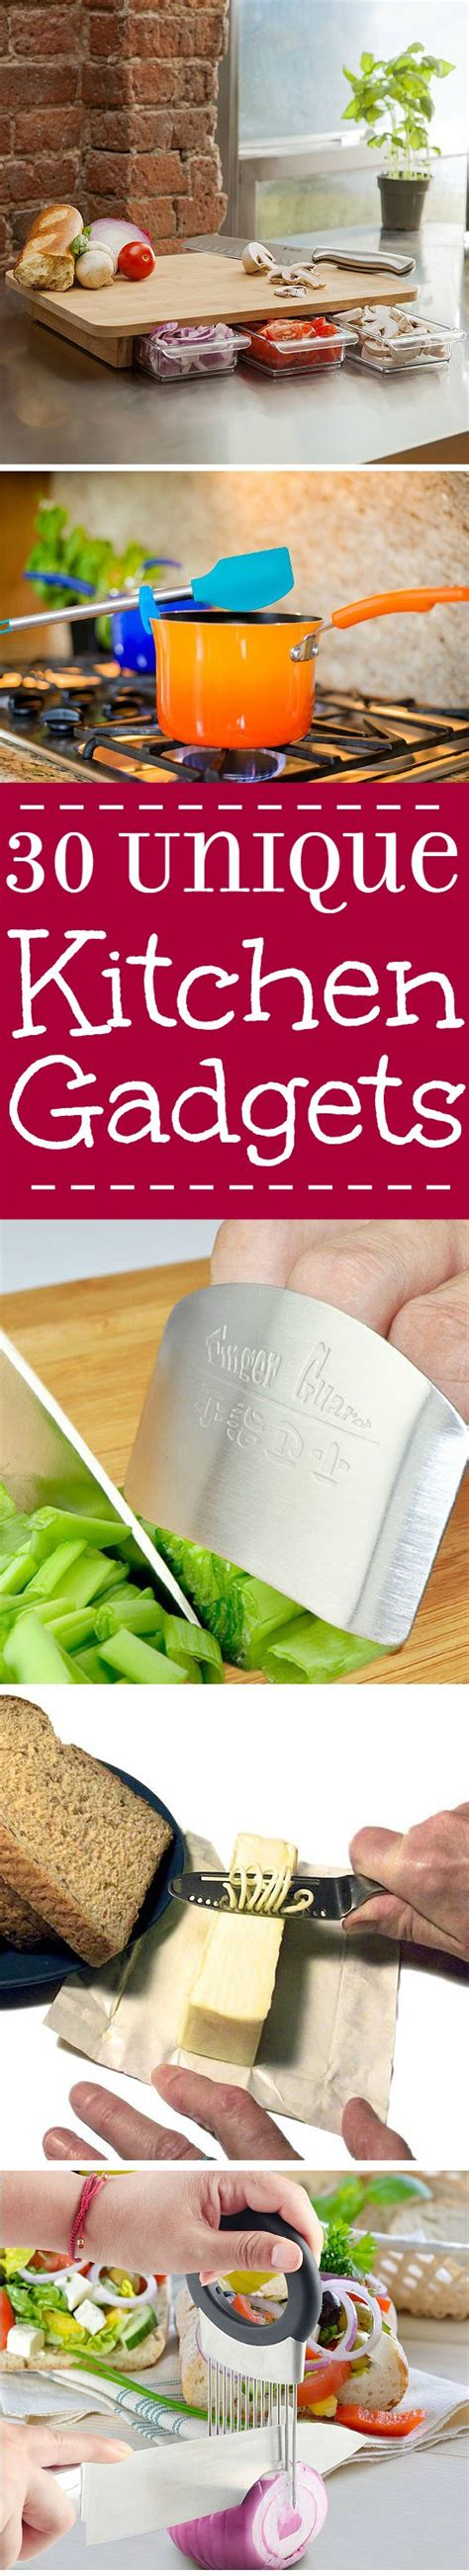 unique cooking gadgets unique kitchen gadgets